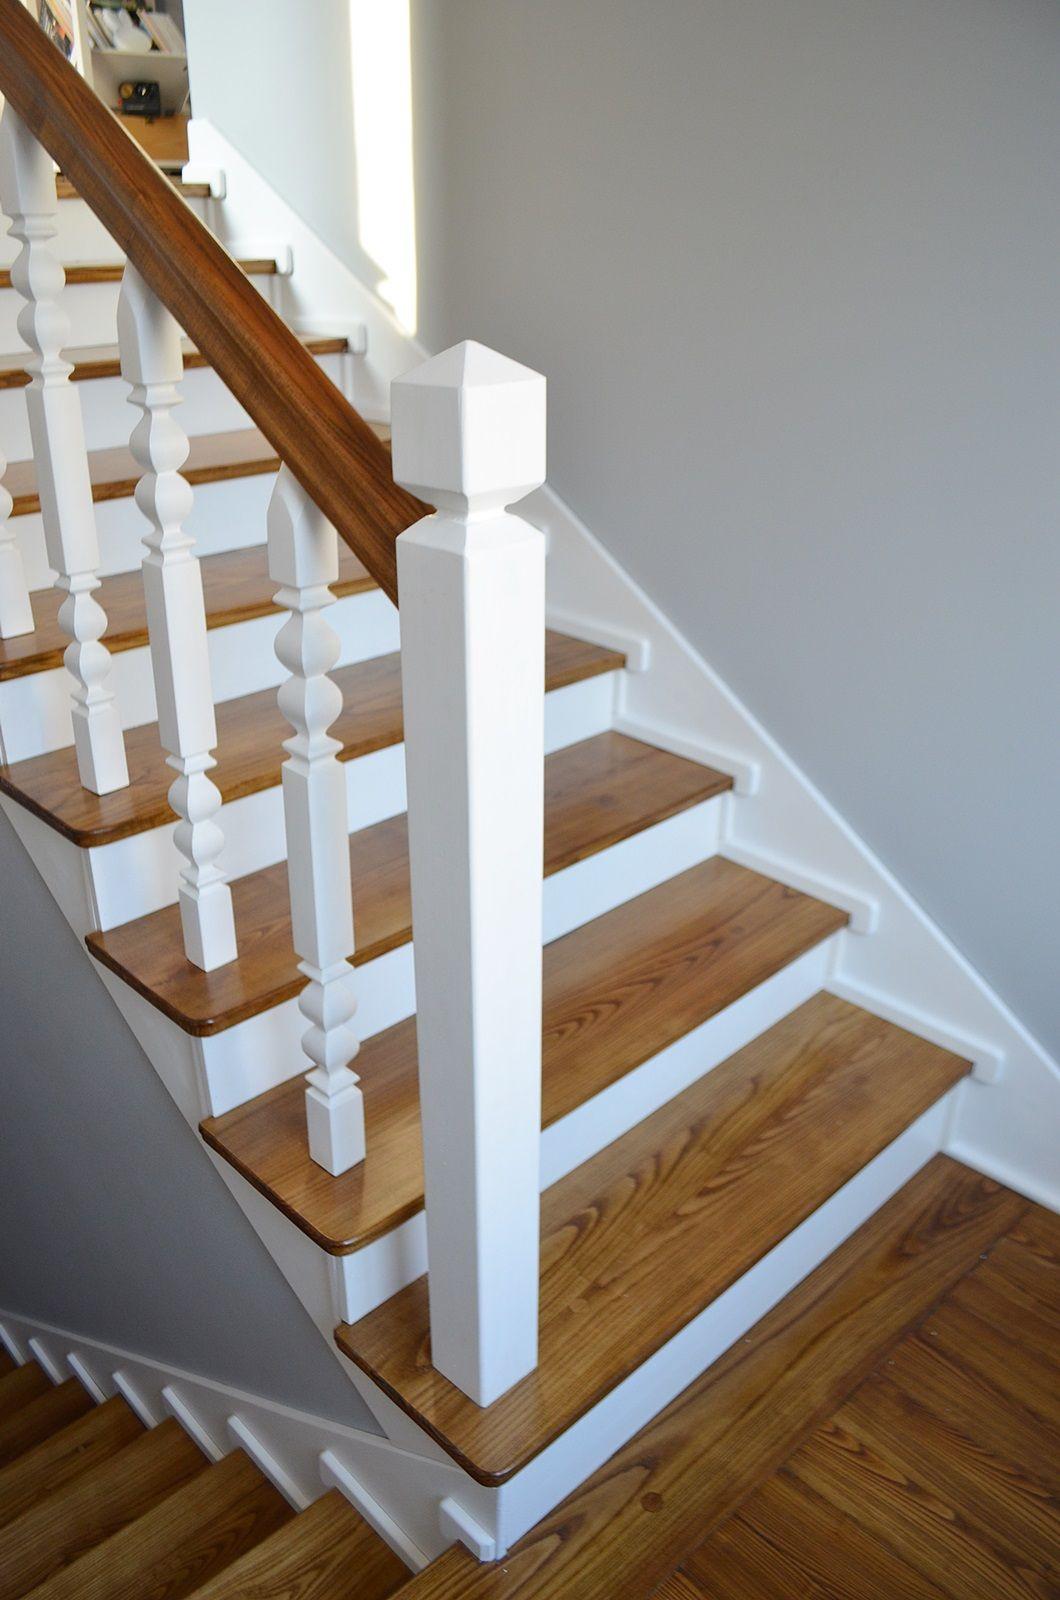 how to install hardwood flooring on stairs of od inspiracji do realizacji diy jak odnowia‡ stare drewniane within od inspiracji do realizacji diy jak odnowia‡ stare drewniane schody